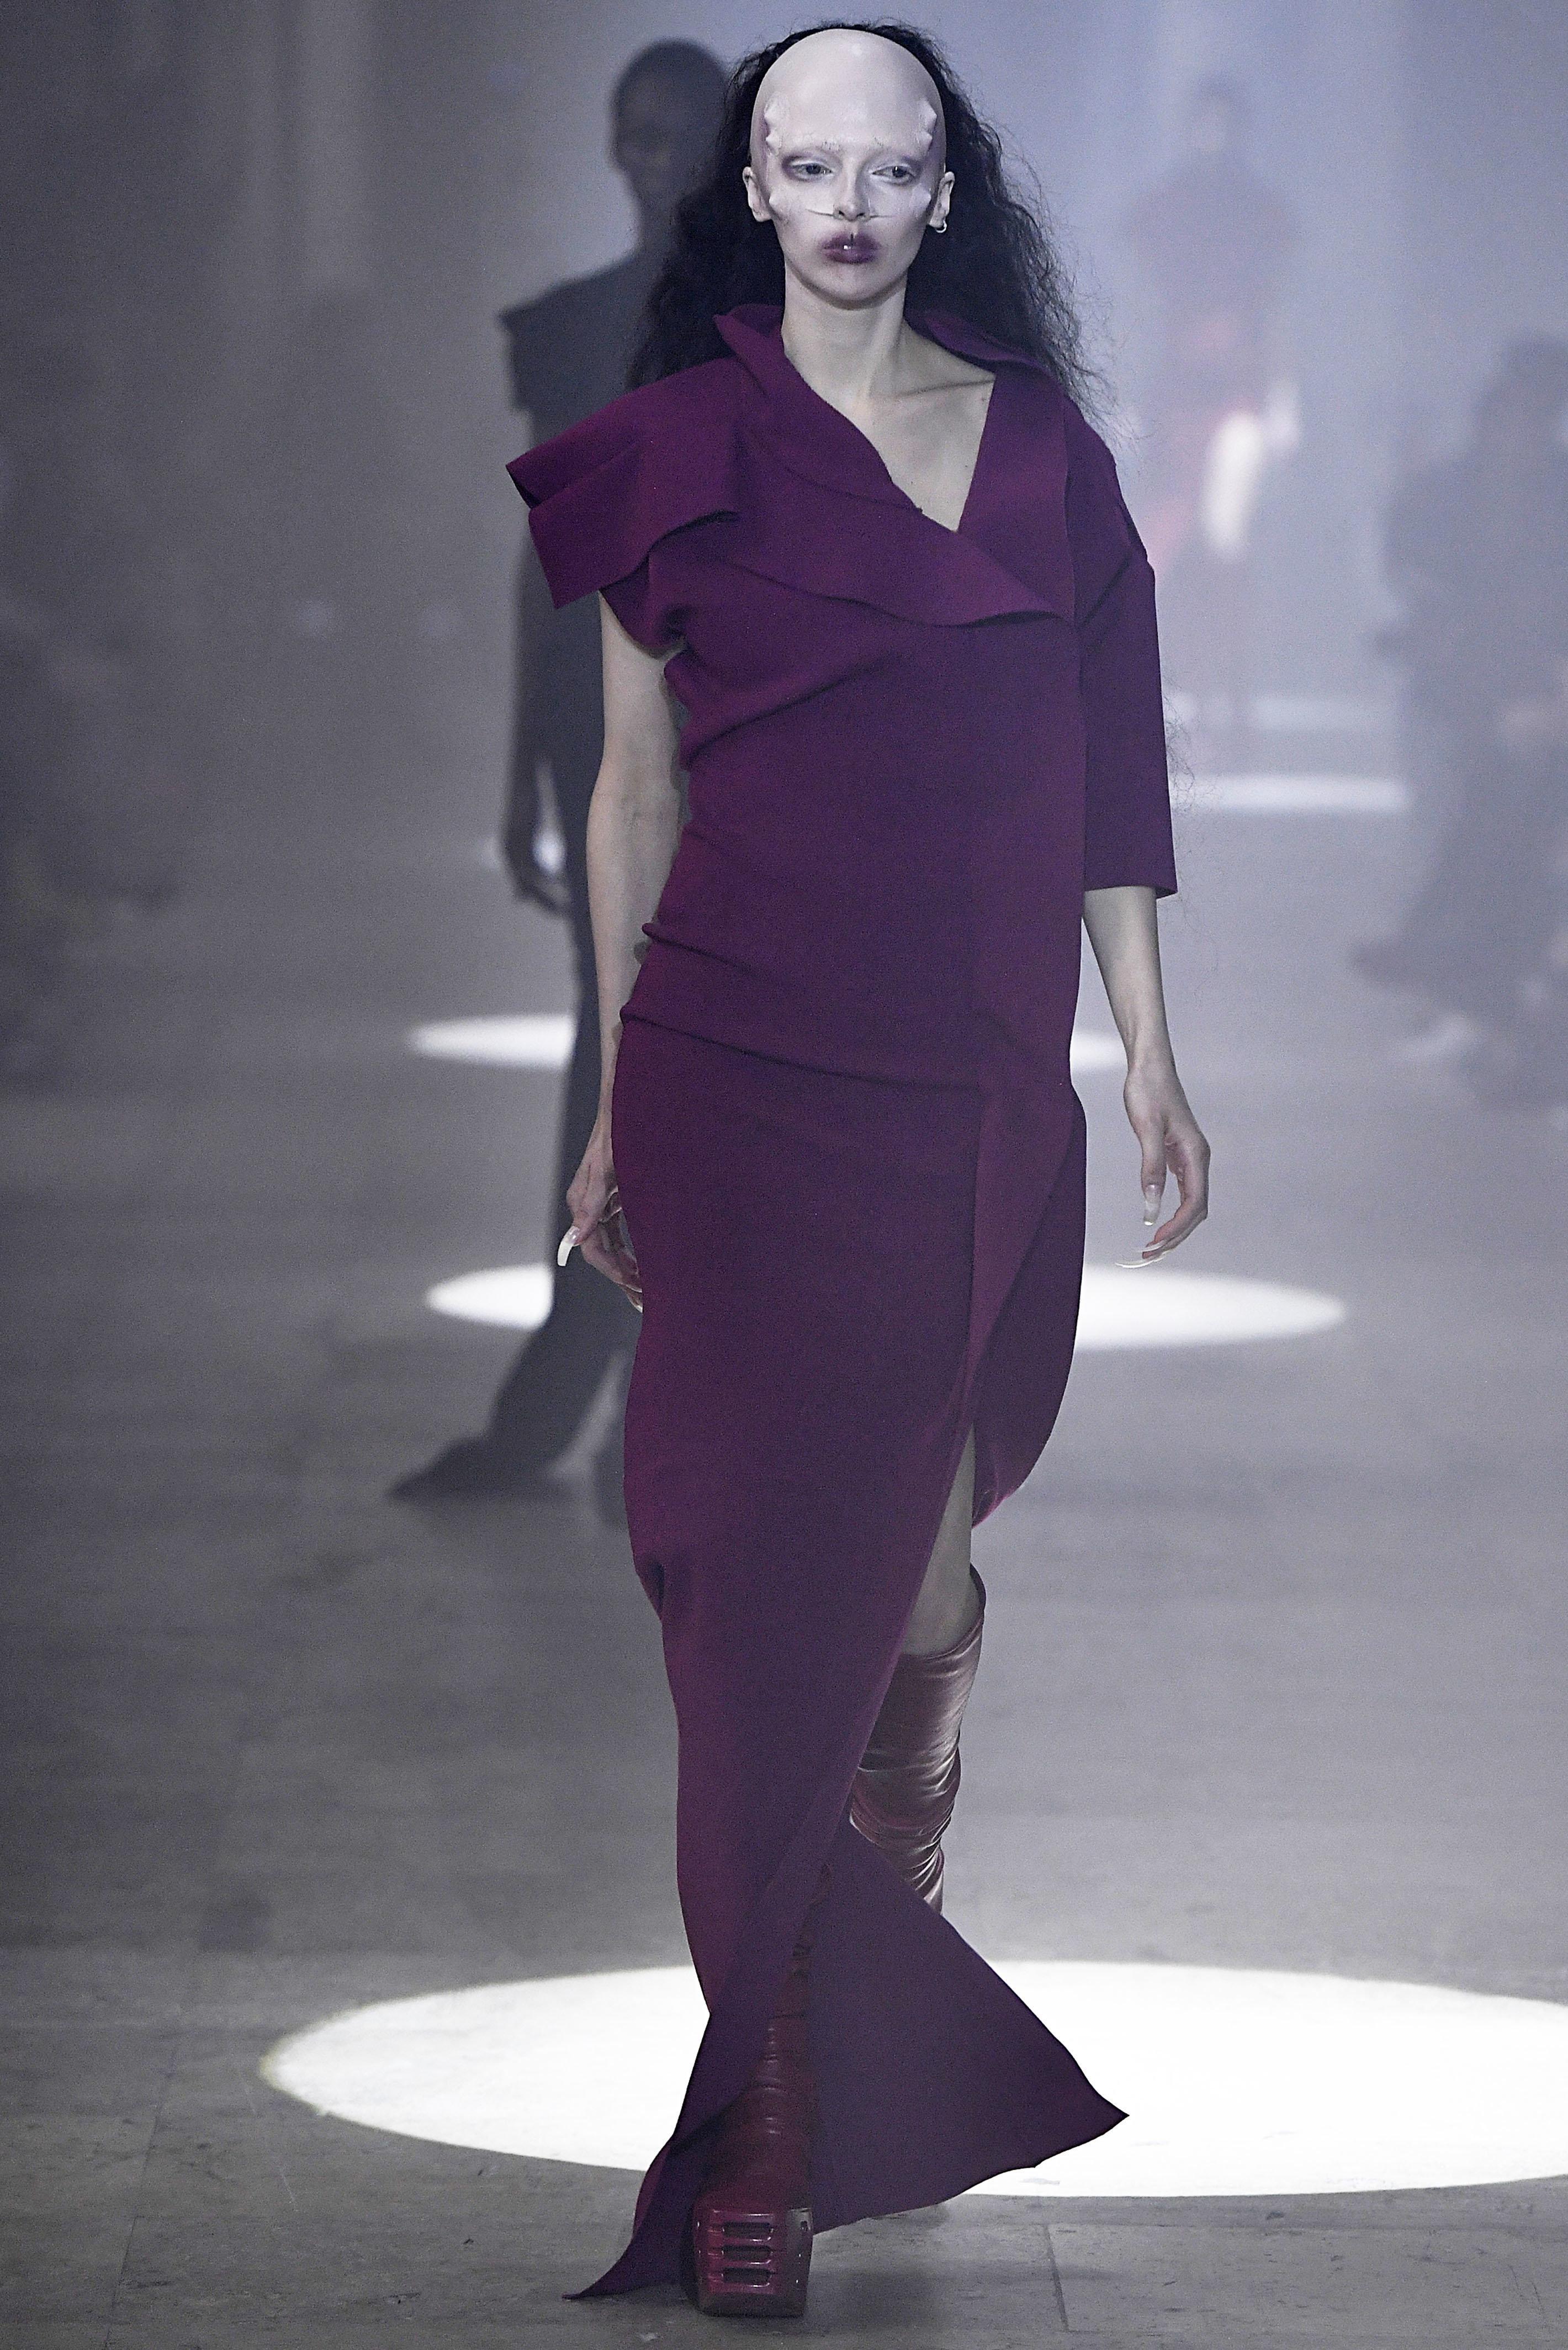 À la fashion week parisienne, le défilé de Rick Owens était le plus